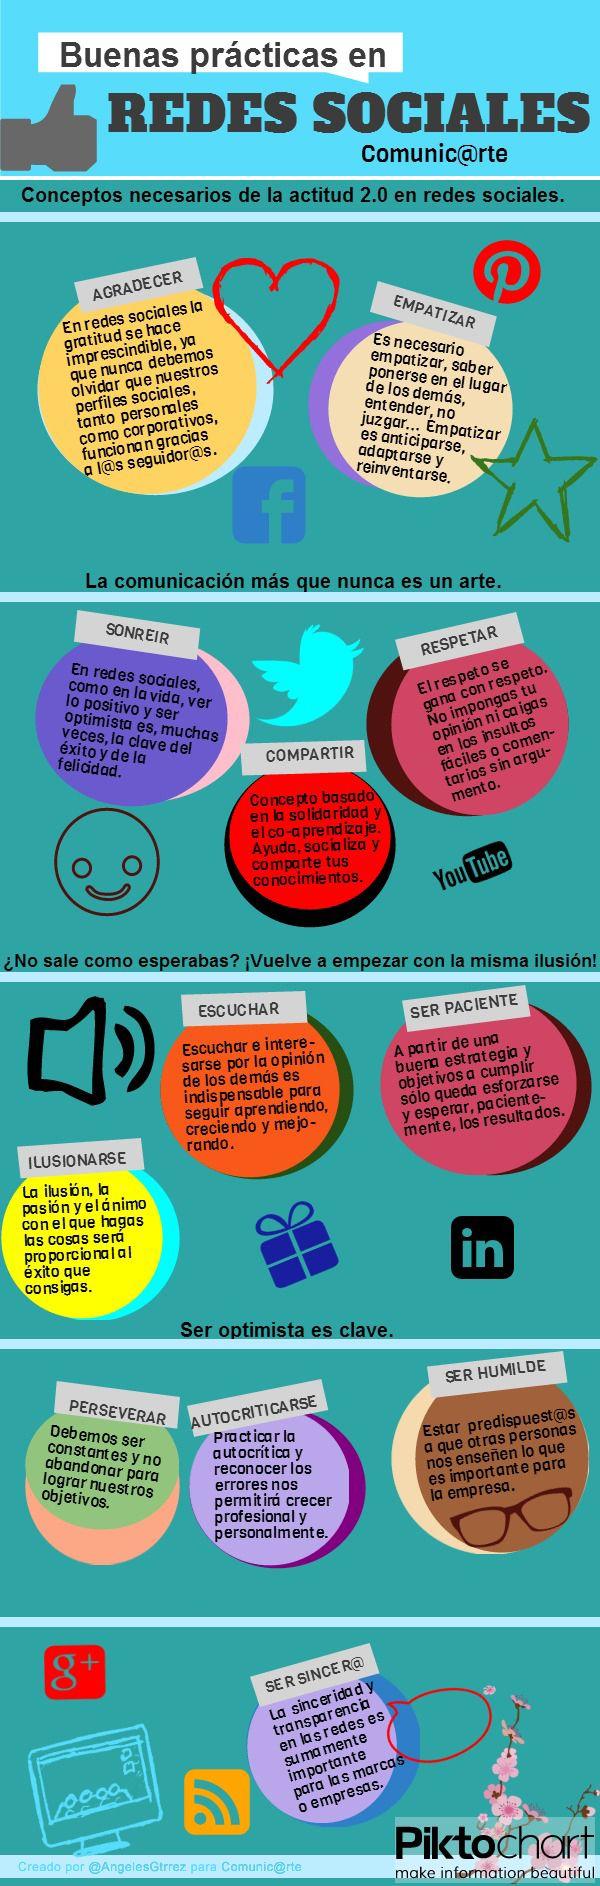 Buenas prácticas en Redes Sociales #infografia #infographic #socialmedia